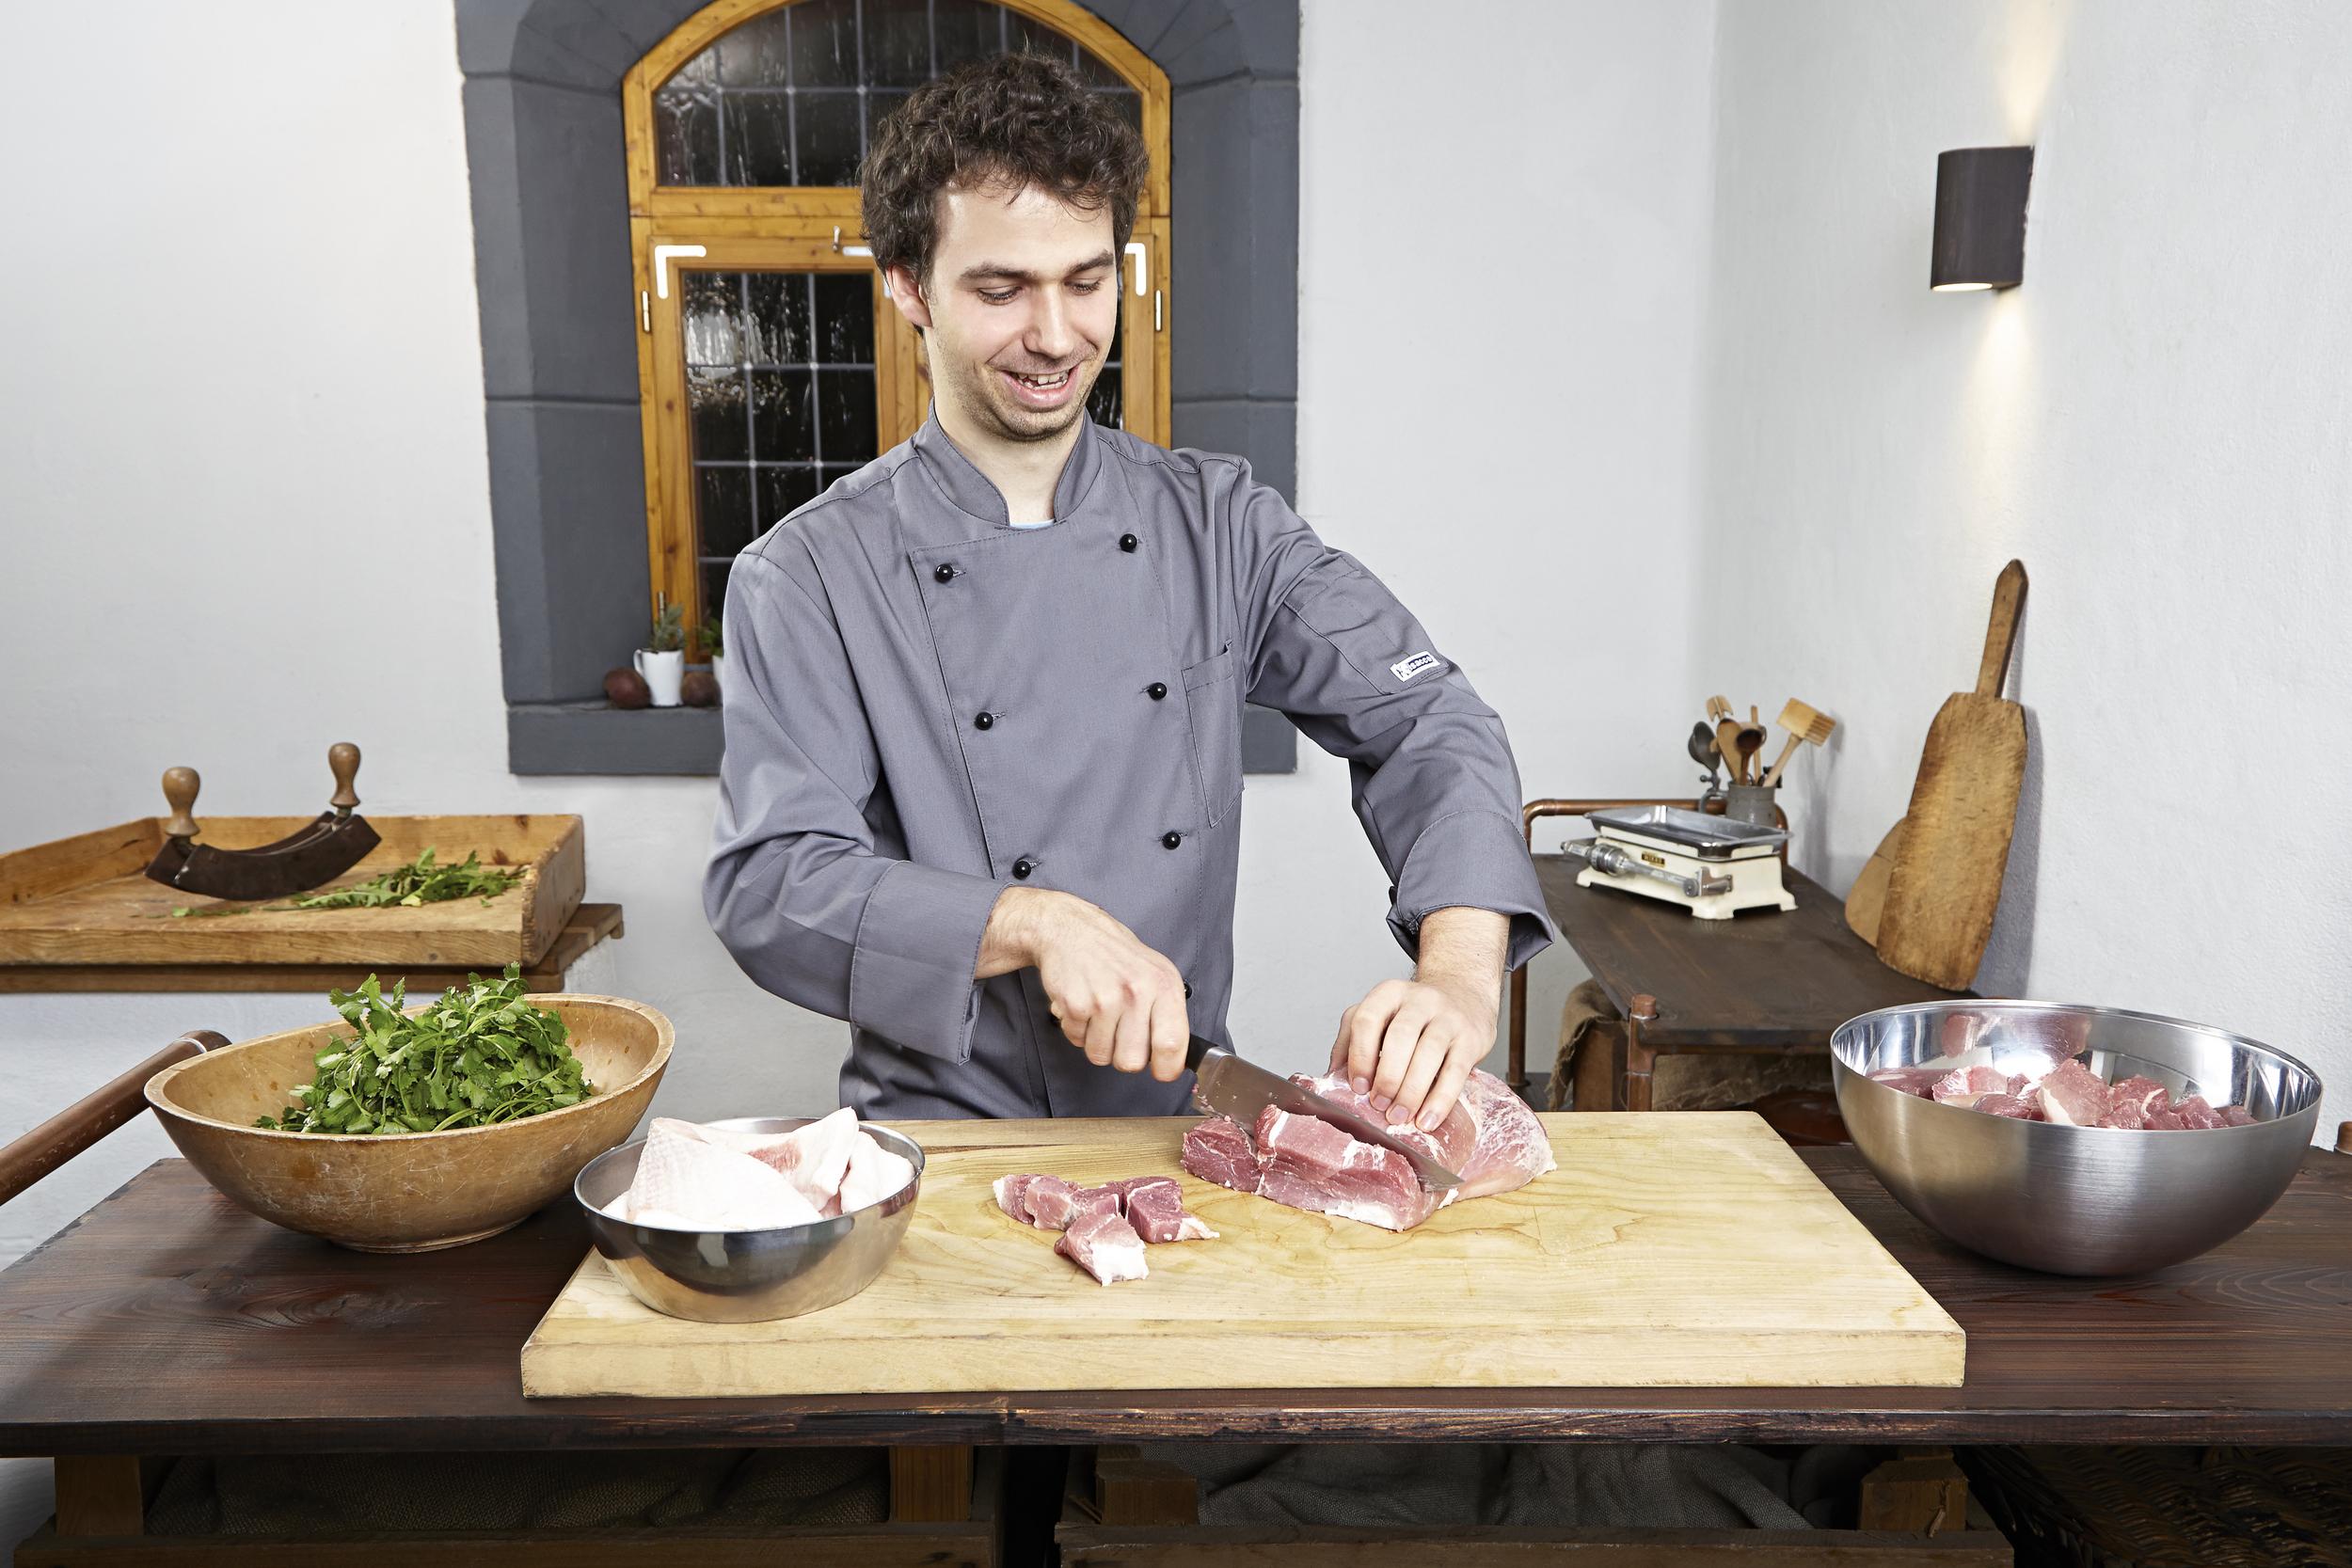 2 - Fleisch schneiden